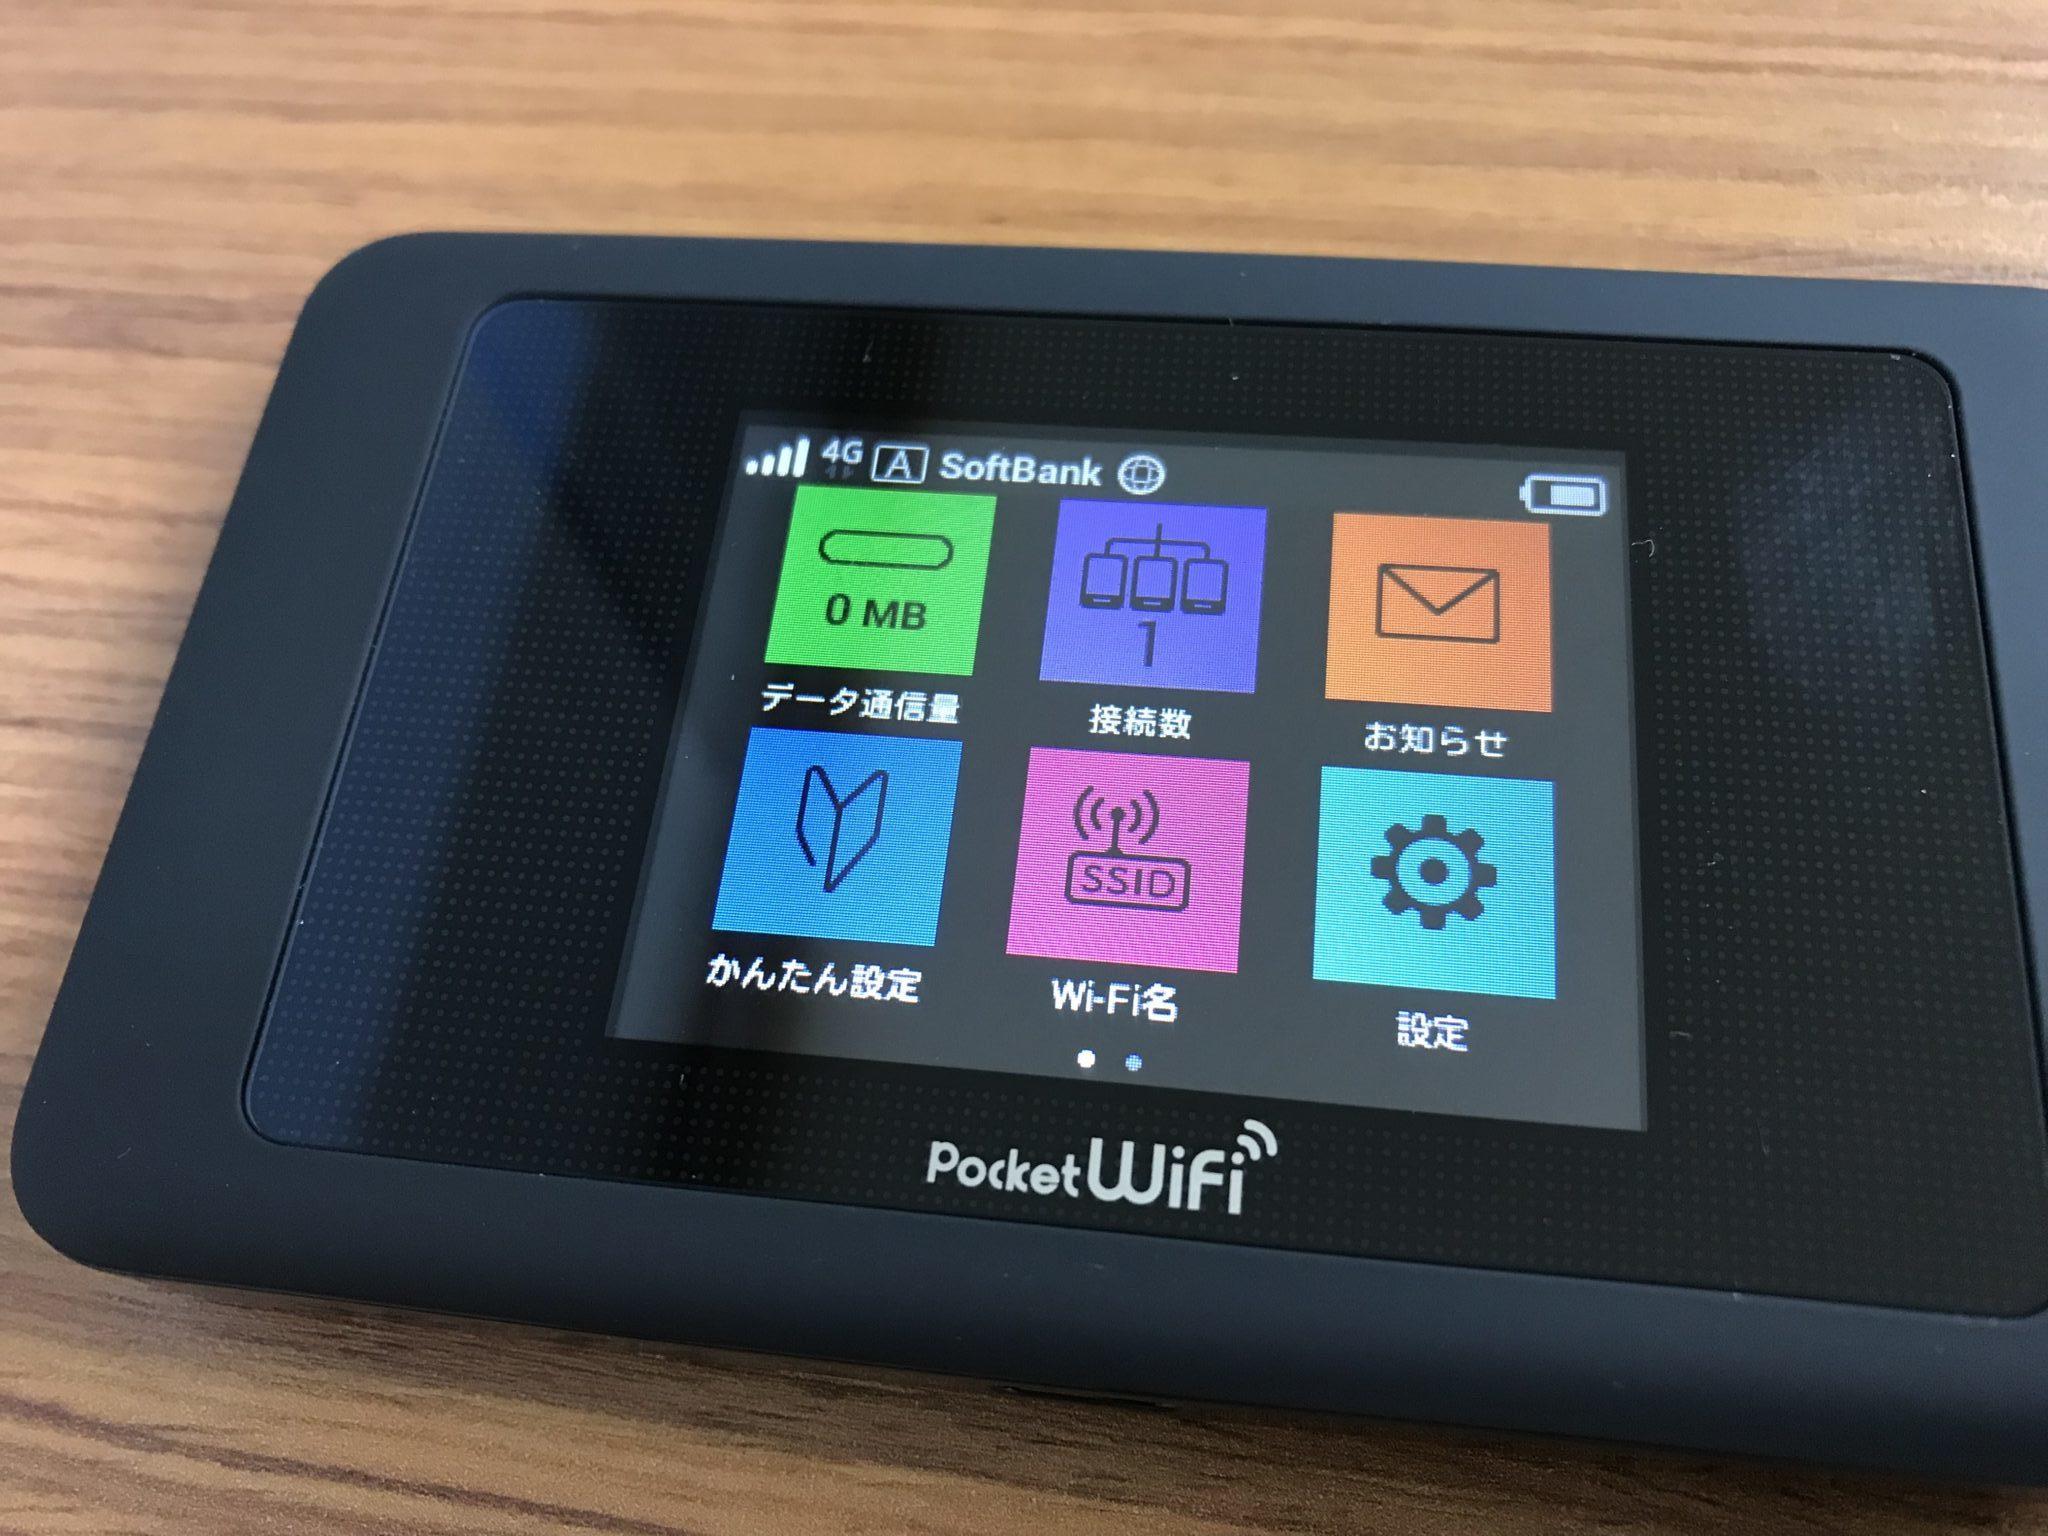 ポケットWi-Fiを使ってダウンロード時間と容量を検証